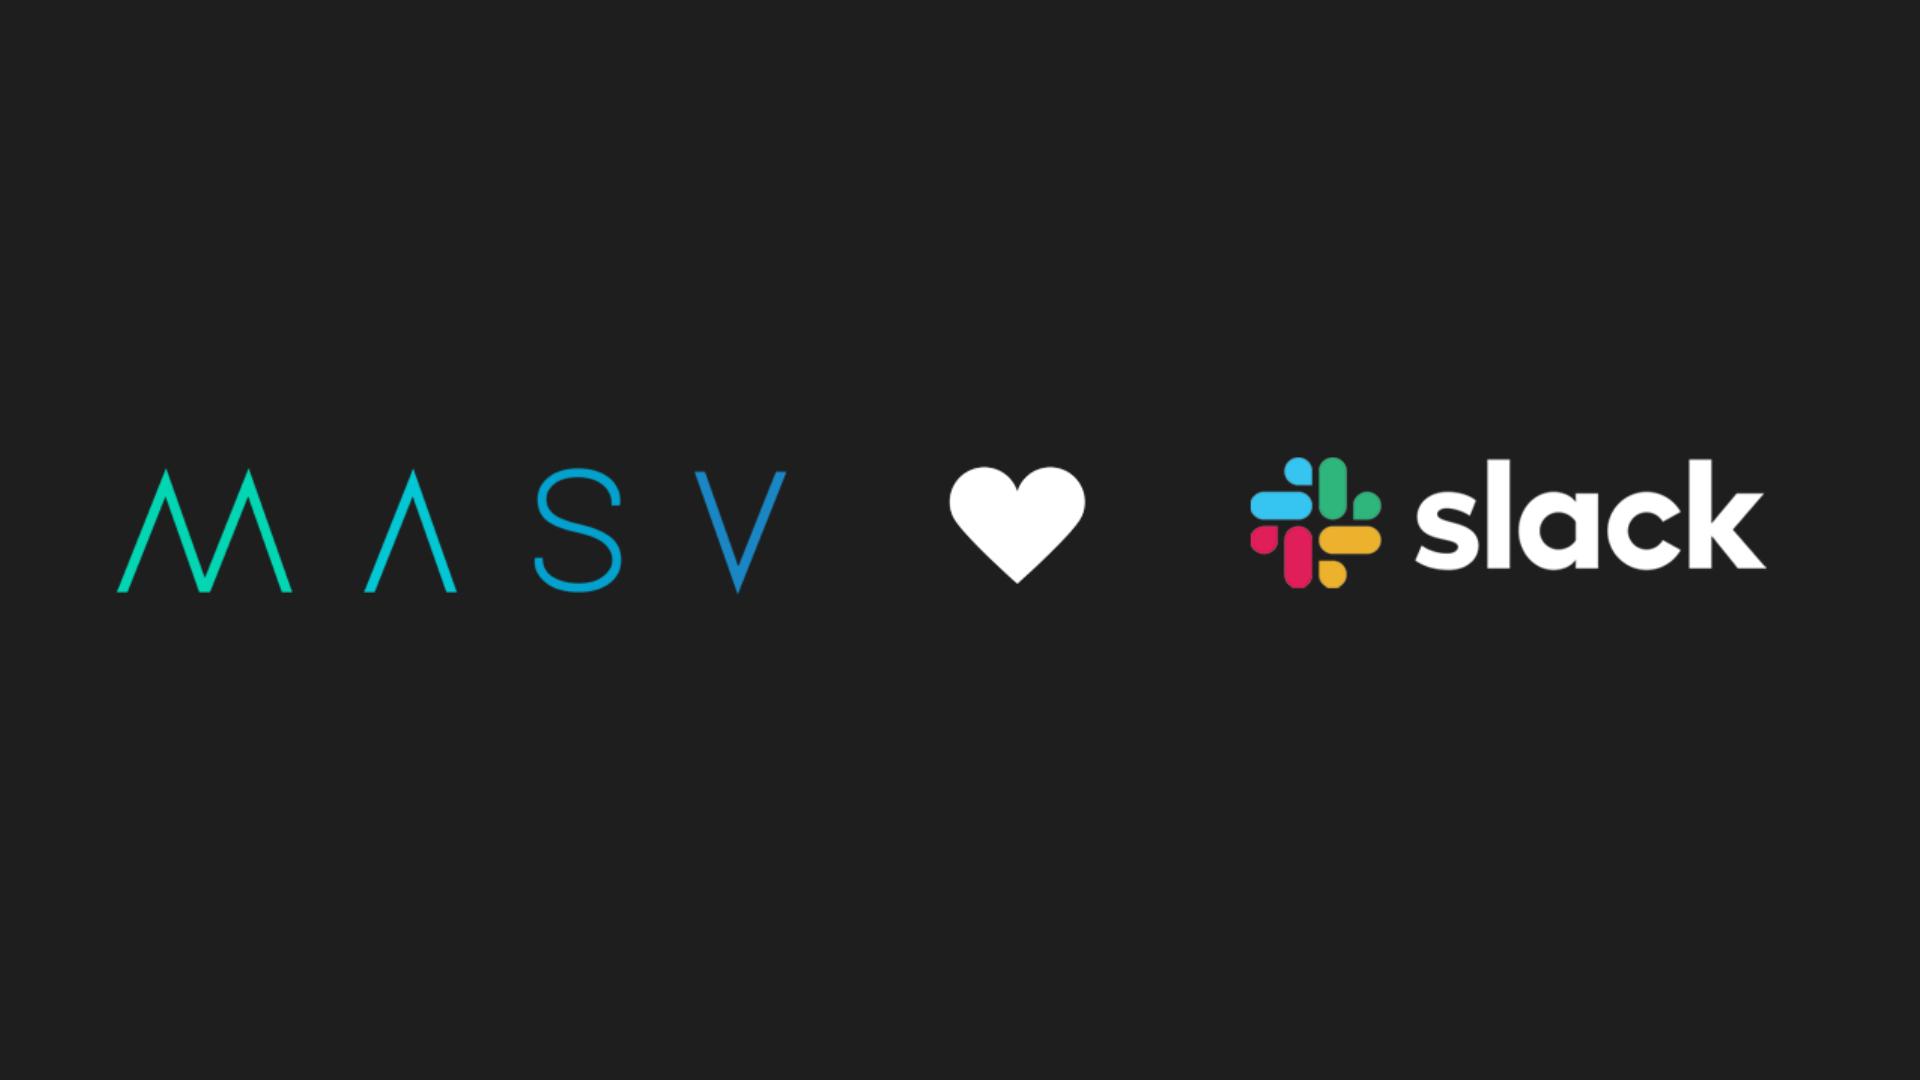 Actualizaciones para MASV 3 – integración con Slack, aplicaciones de escritorio y almacenamiento extendido